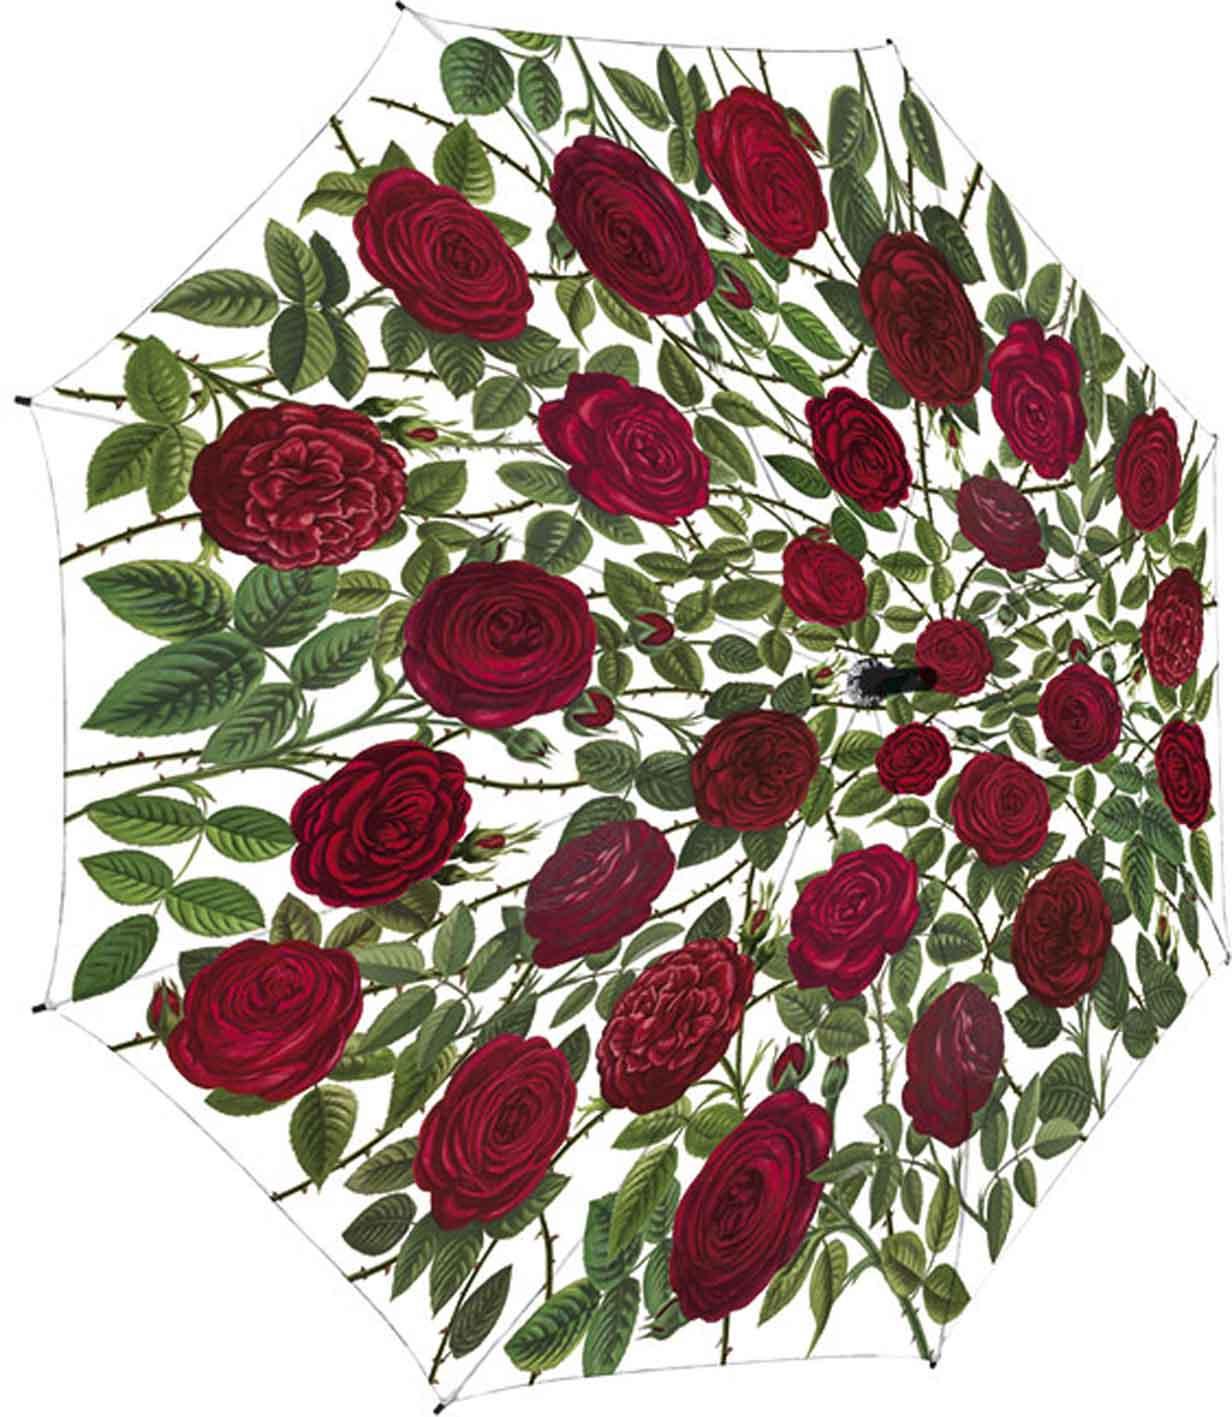 Rannenberg Regenschirm 'Rote Rosen'